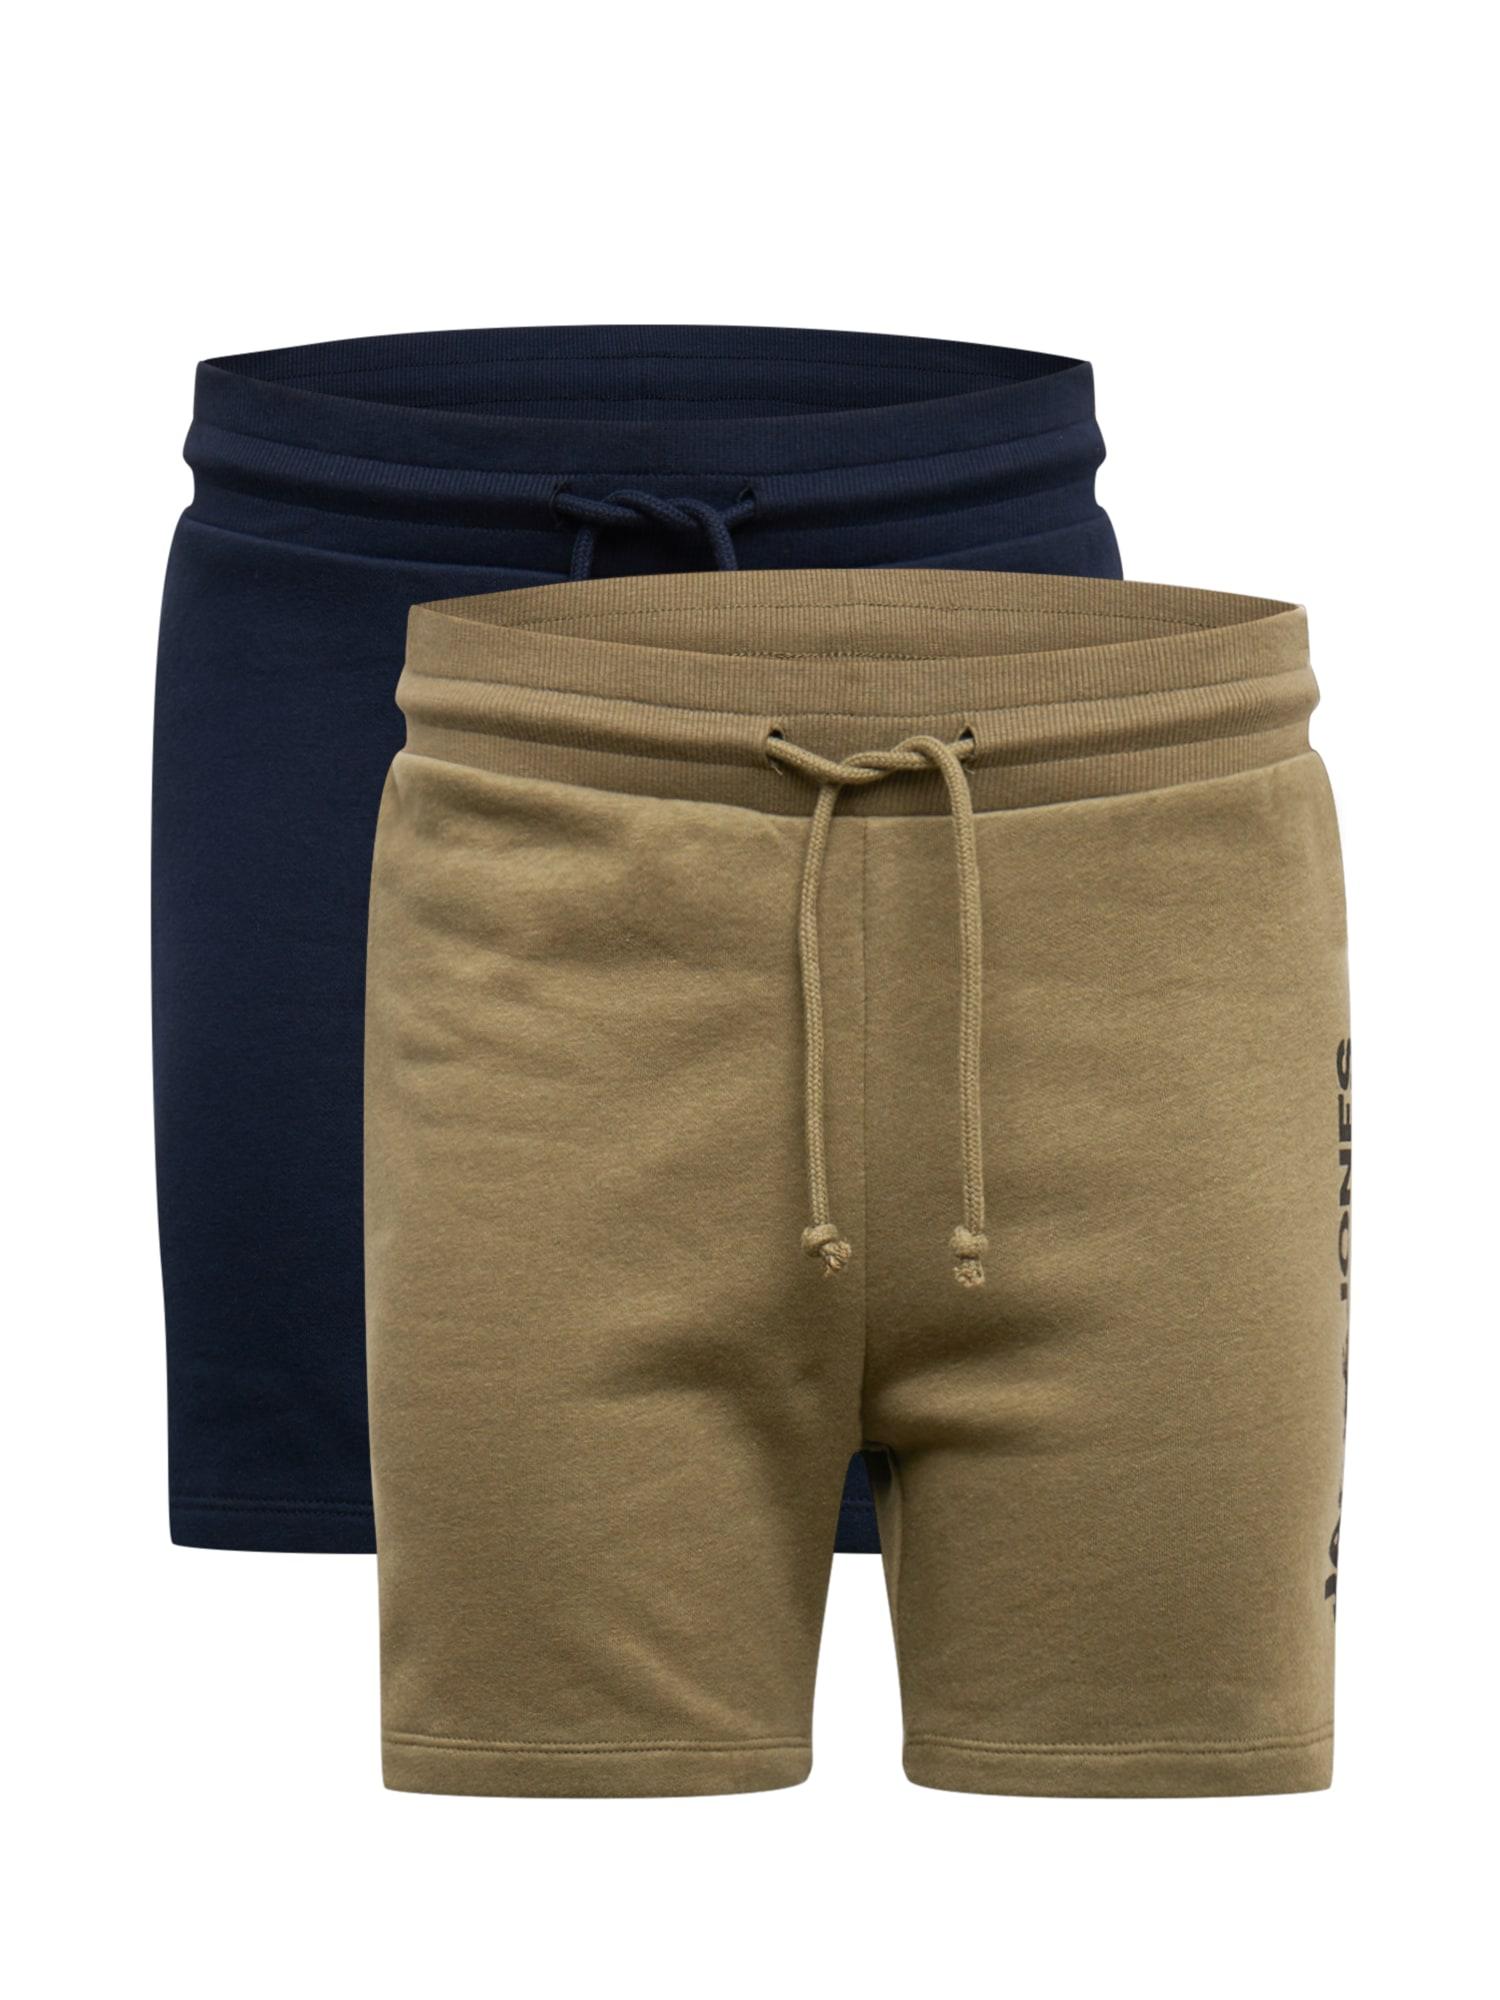 JACK & JONES Kelnės 'HARRY' alyvuogių spalva / tamsiai mėlyna